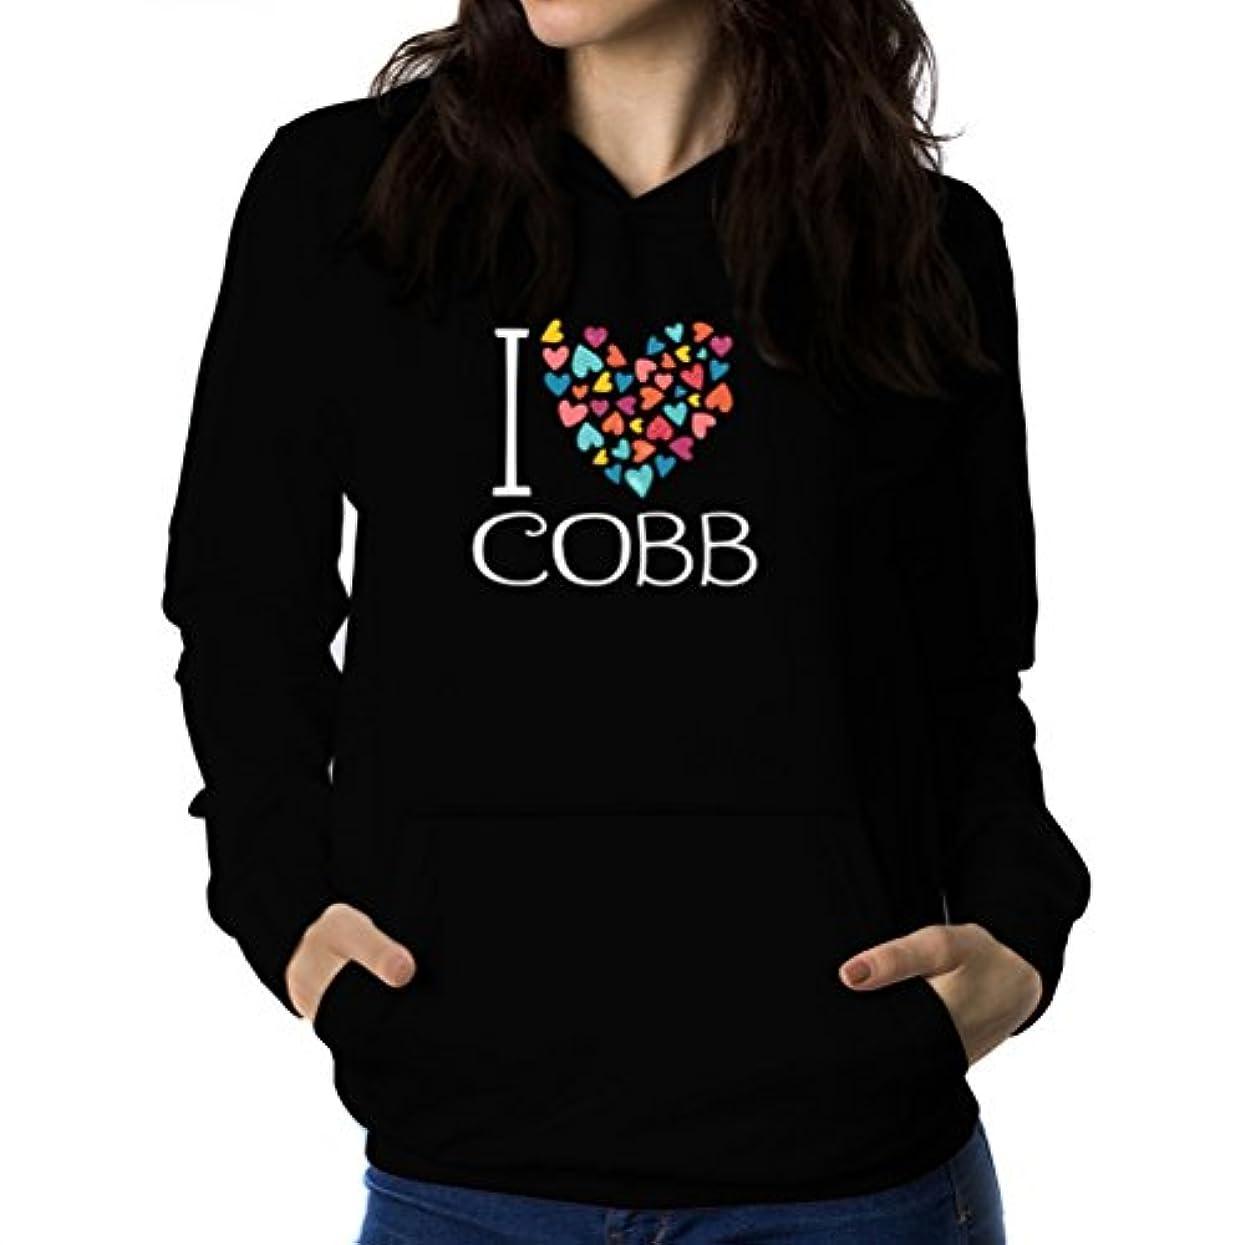 隣接発音寝室を掃除するI love Cobb colorful hearts 女性 フーディー